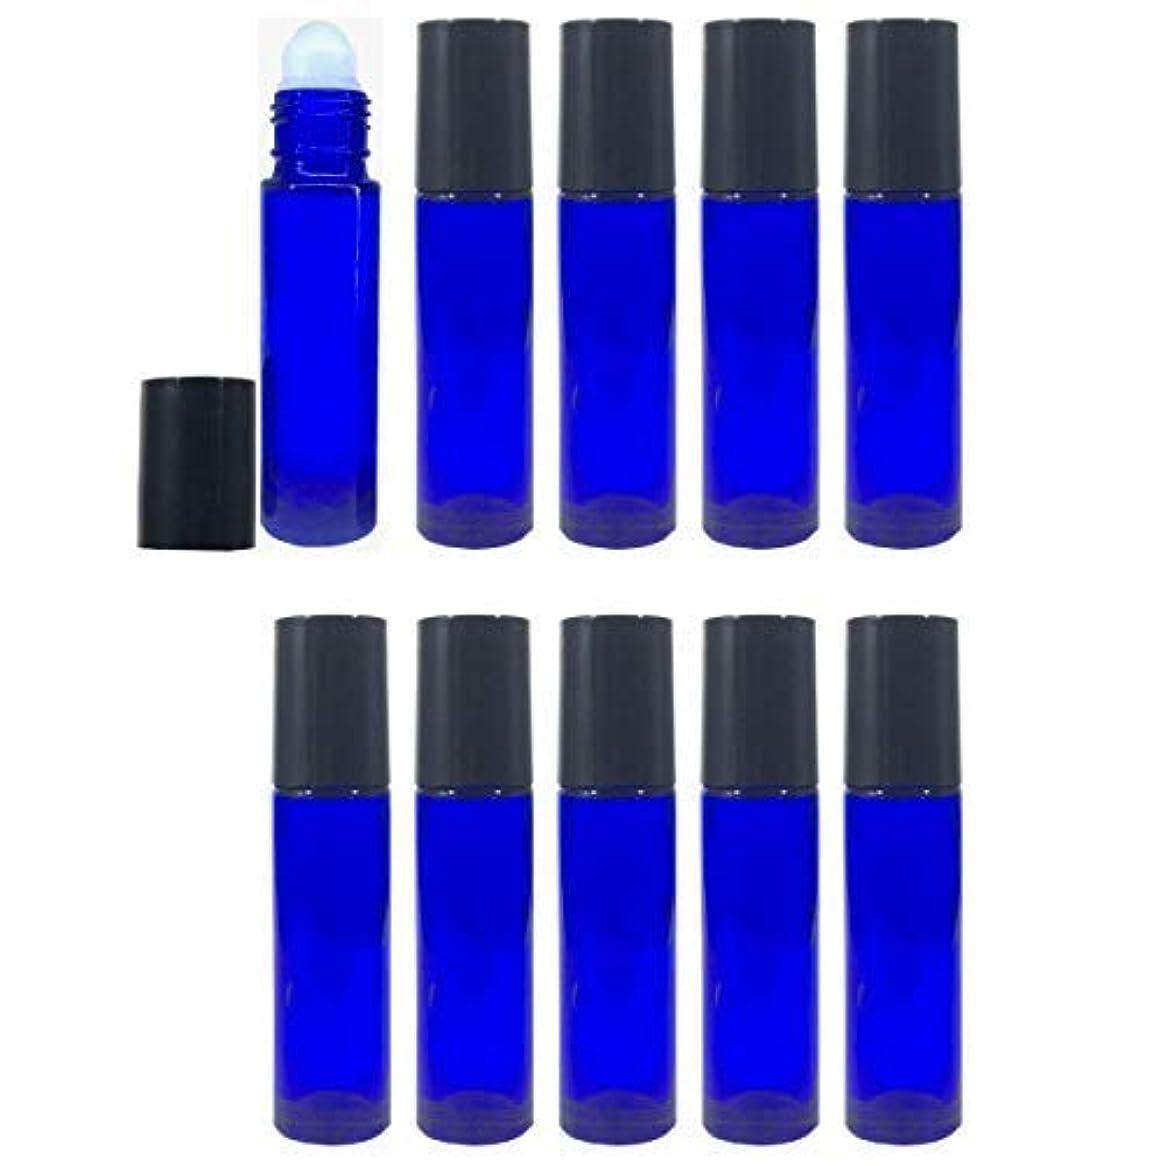 とても葉巻集団ロールオンボトル 10ml 10本セット アロマオイル 遮光瓶 ガラスロールタイプ 手作り香水 (ブルー/10ml?10本)